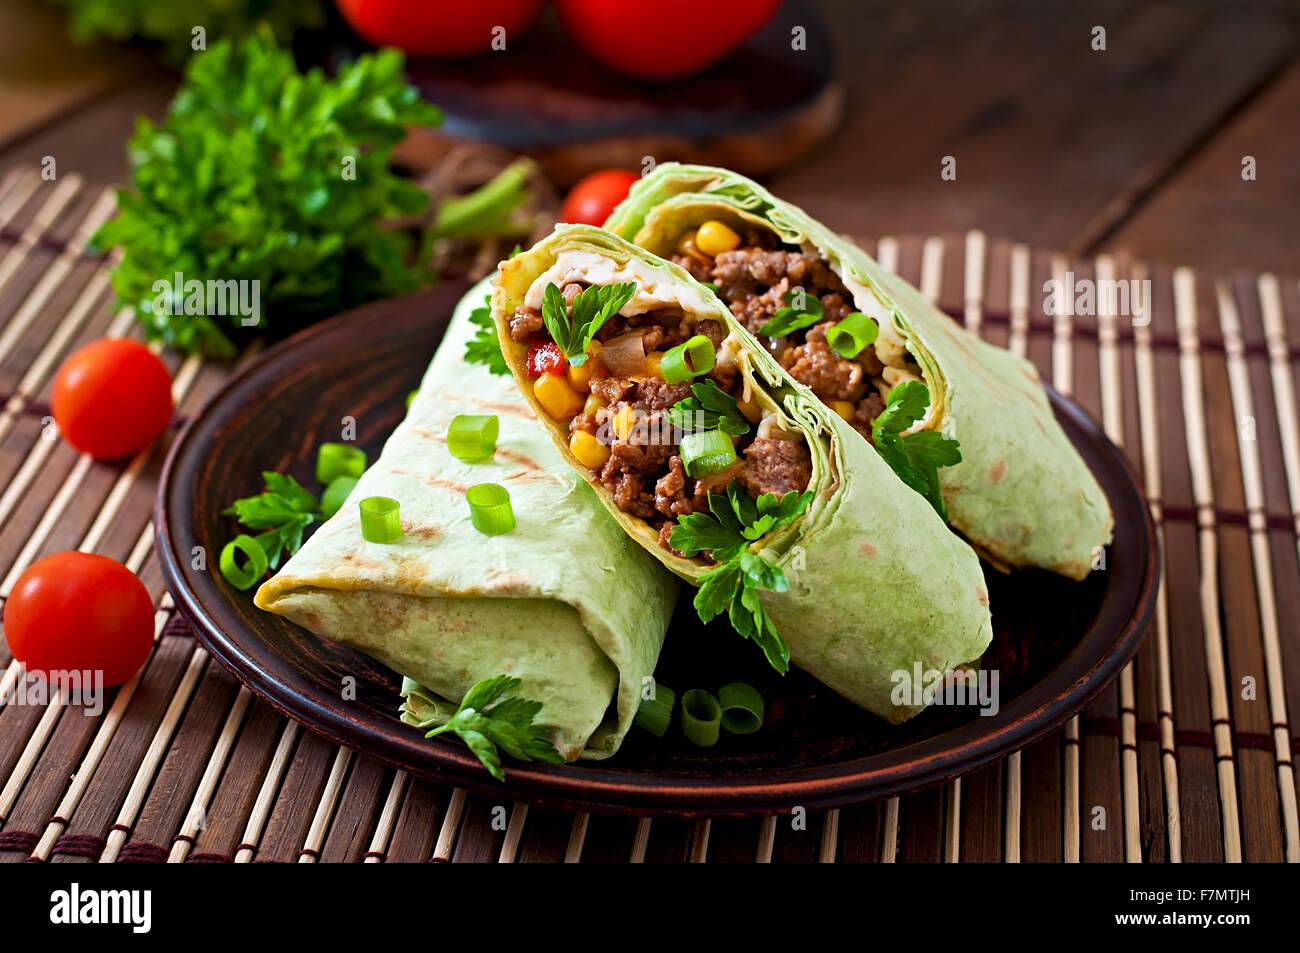 Burrito si avvolge con carne macinata e verdure su un sfondo di legno Immagini Stock